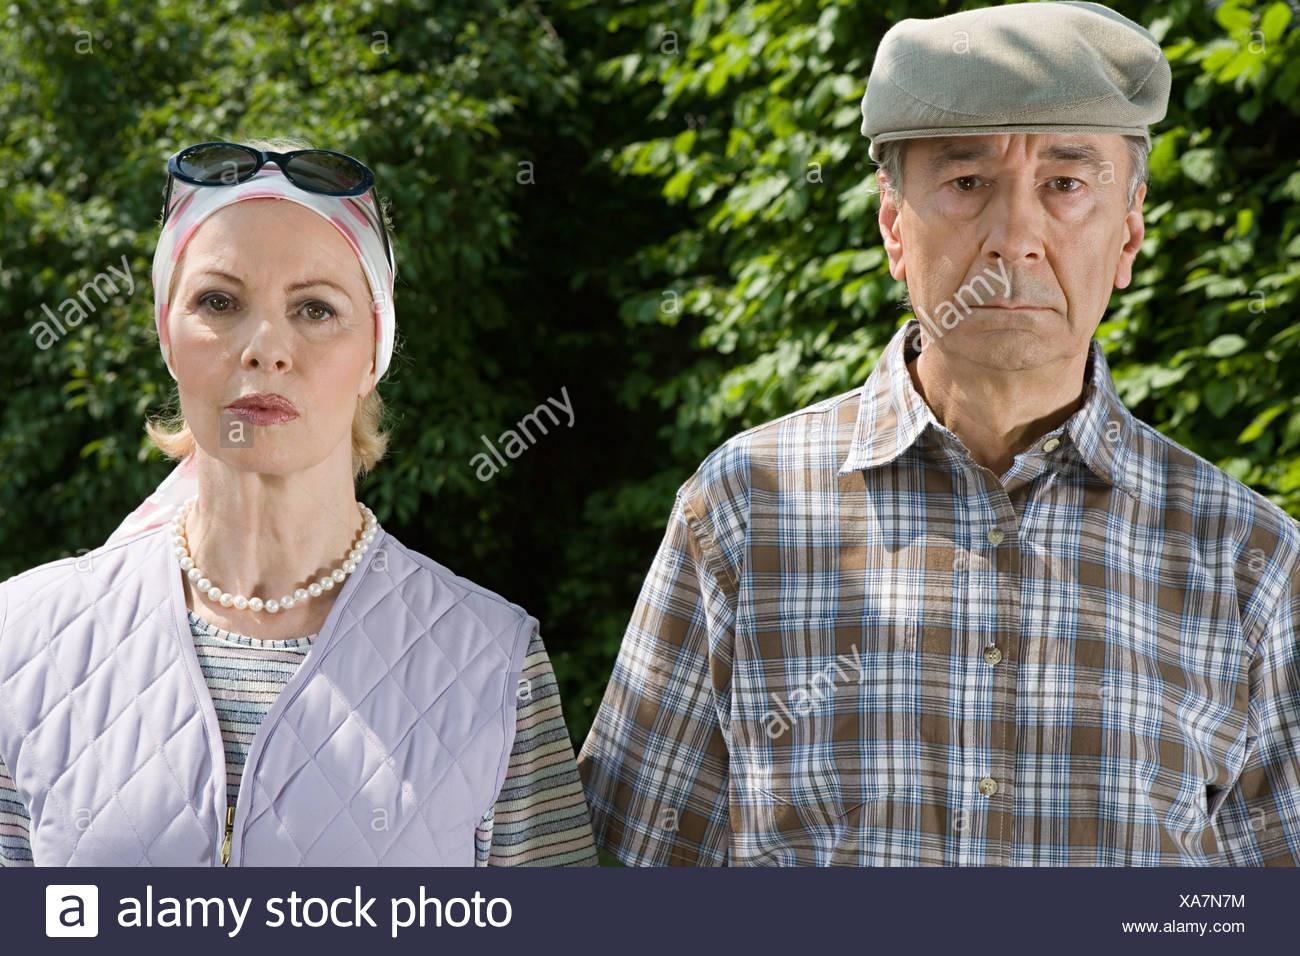 Serious senior couple - Stock Image